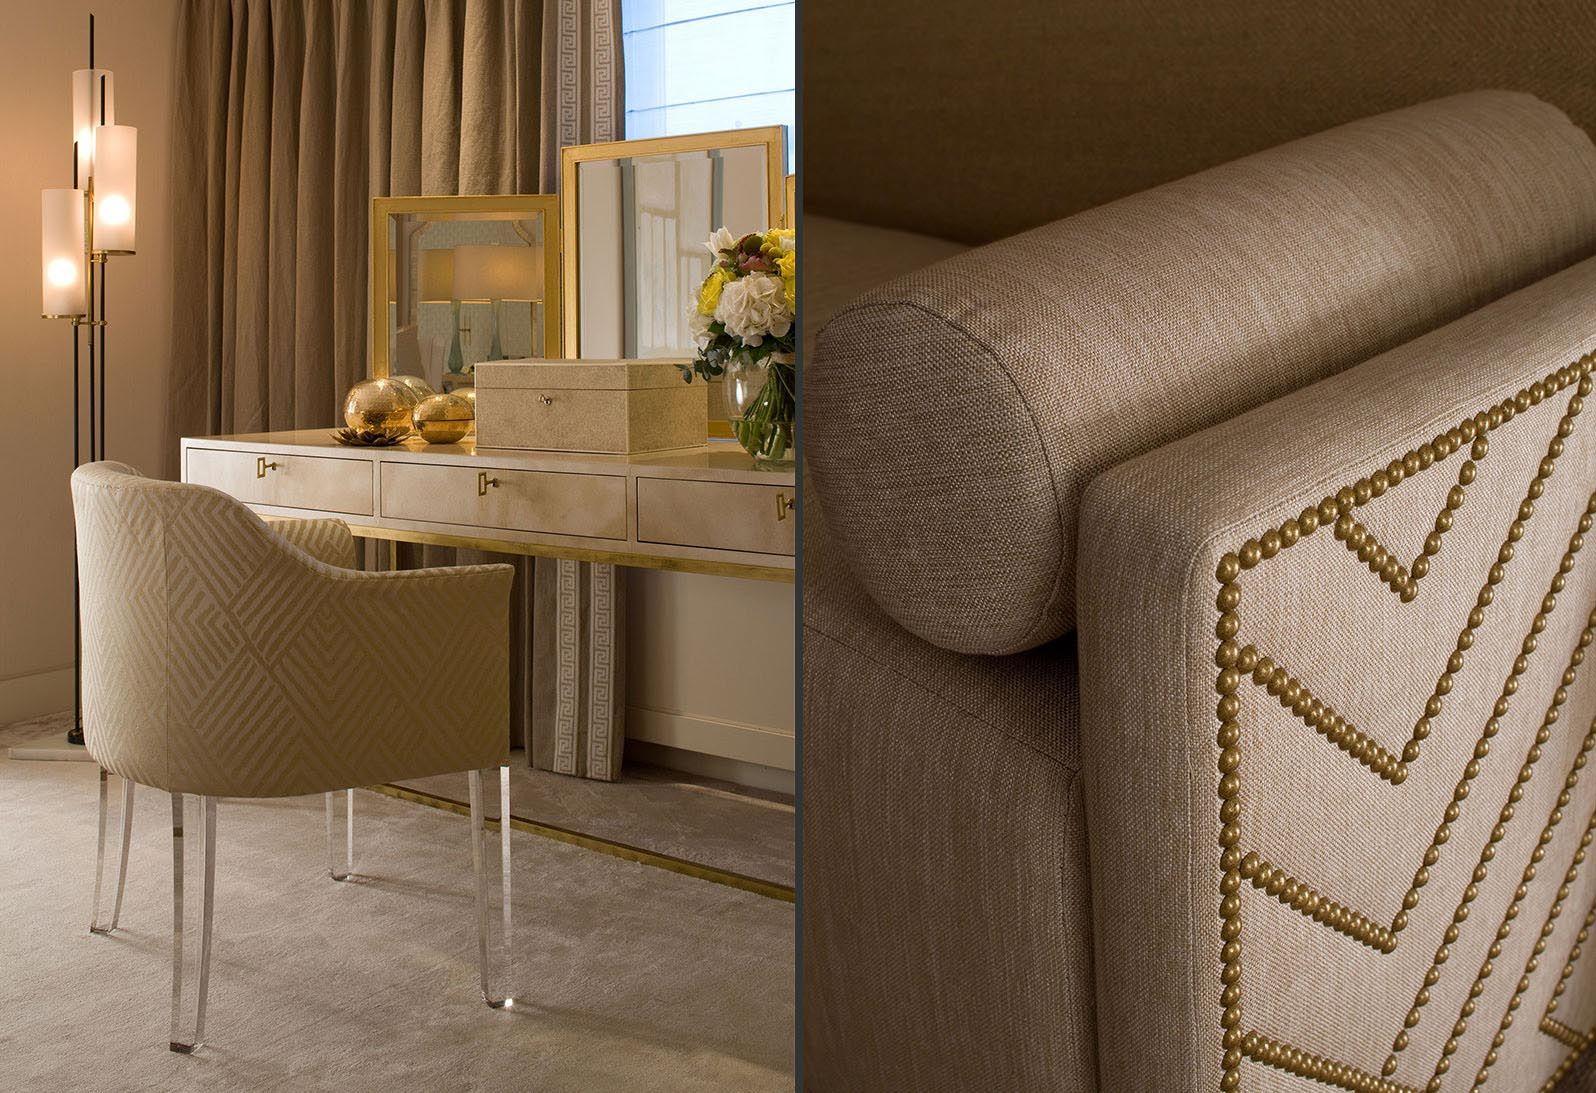 The Lancasters Duplex Apartment - Bedroom Details ...